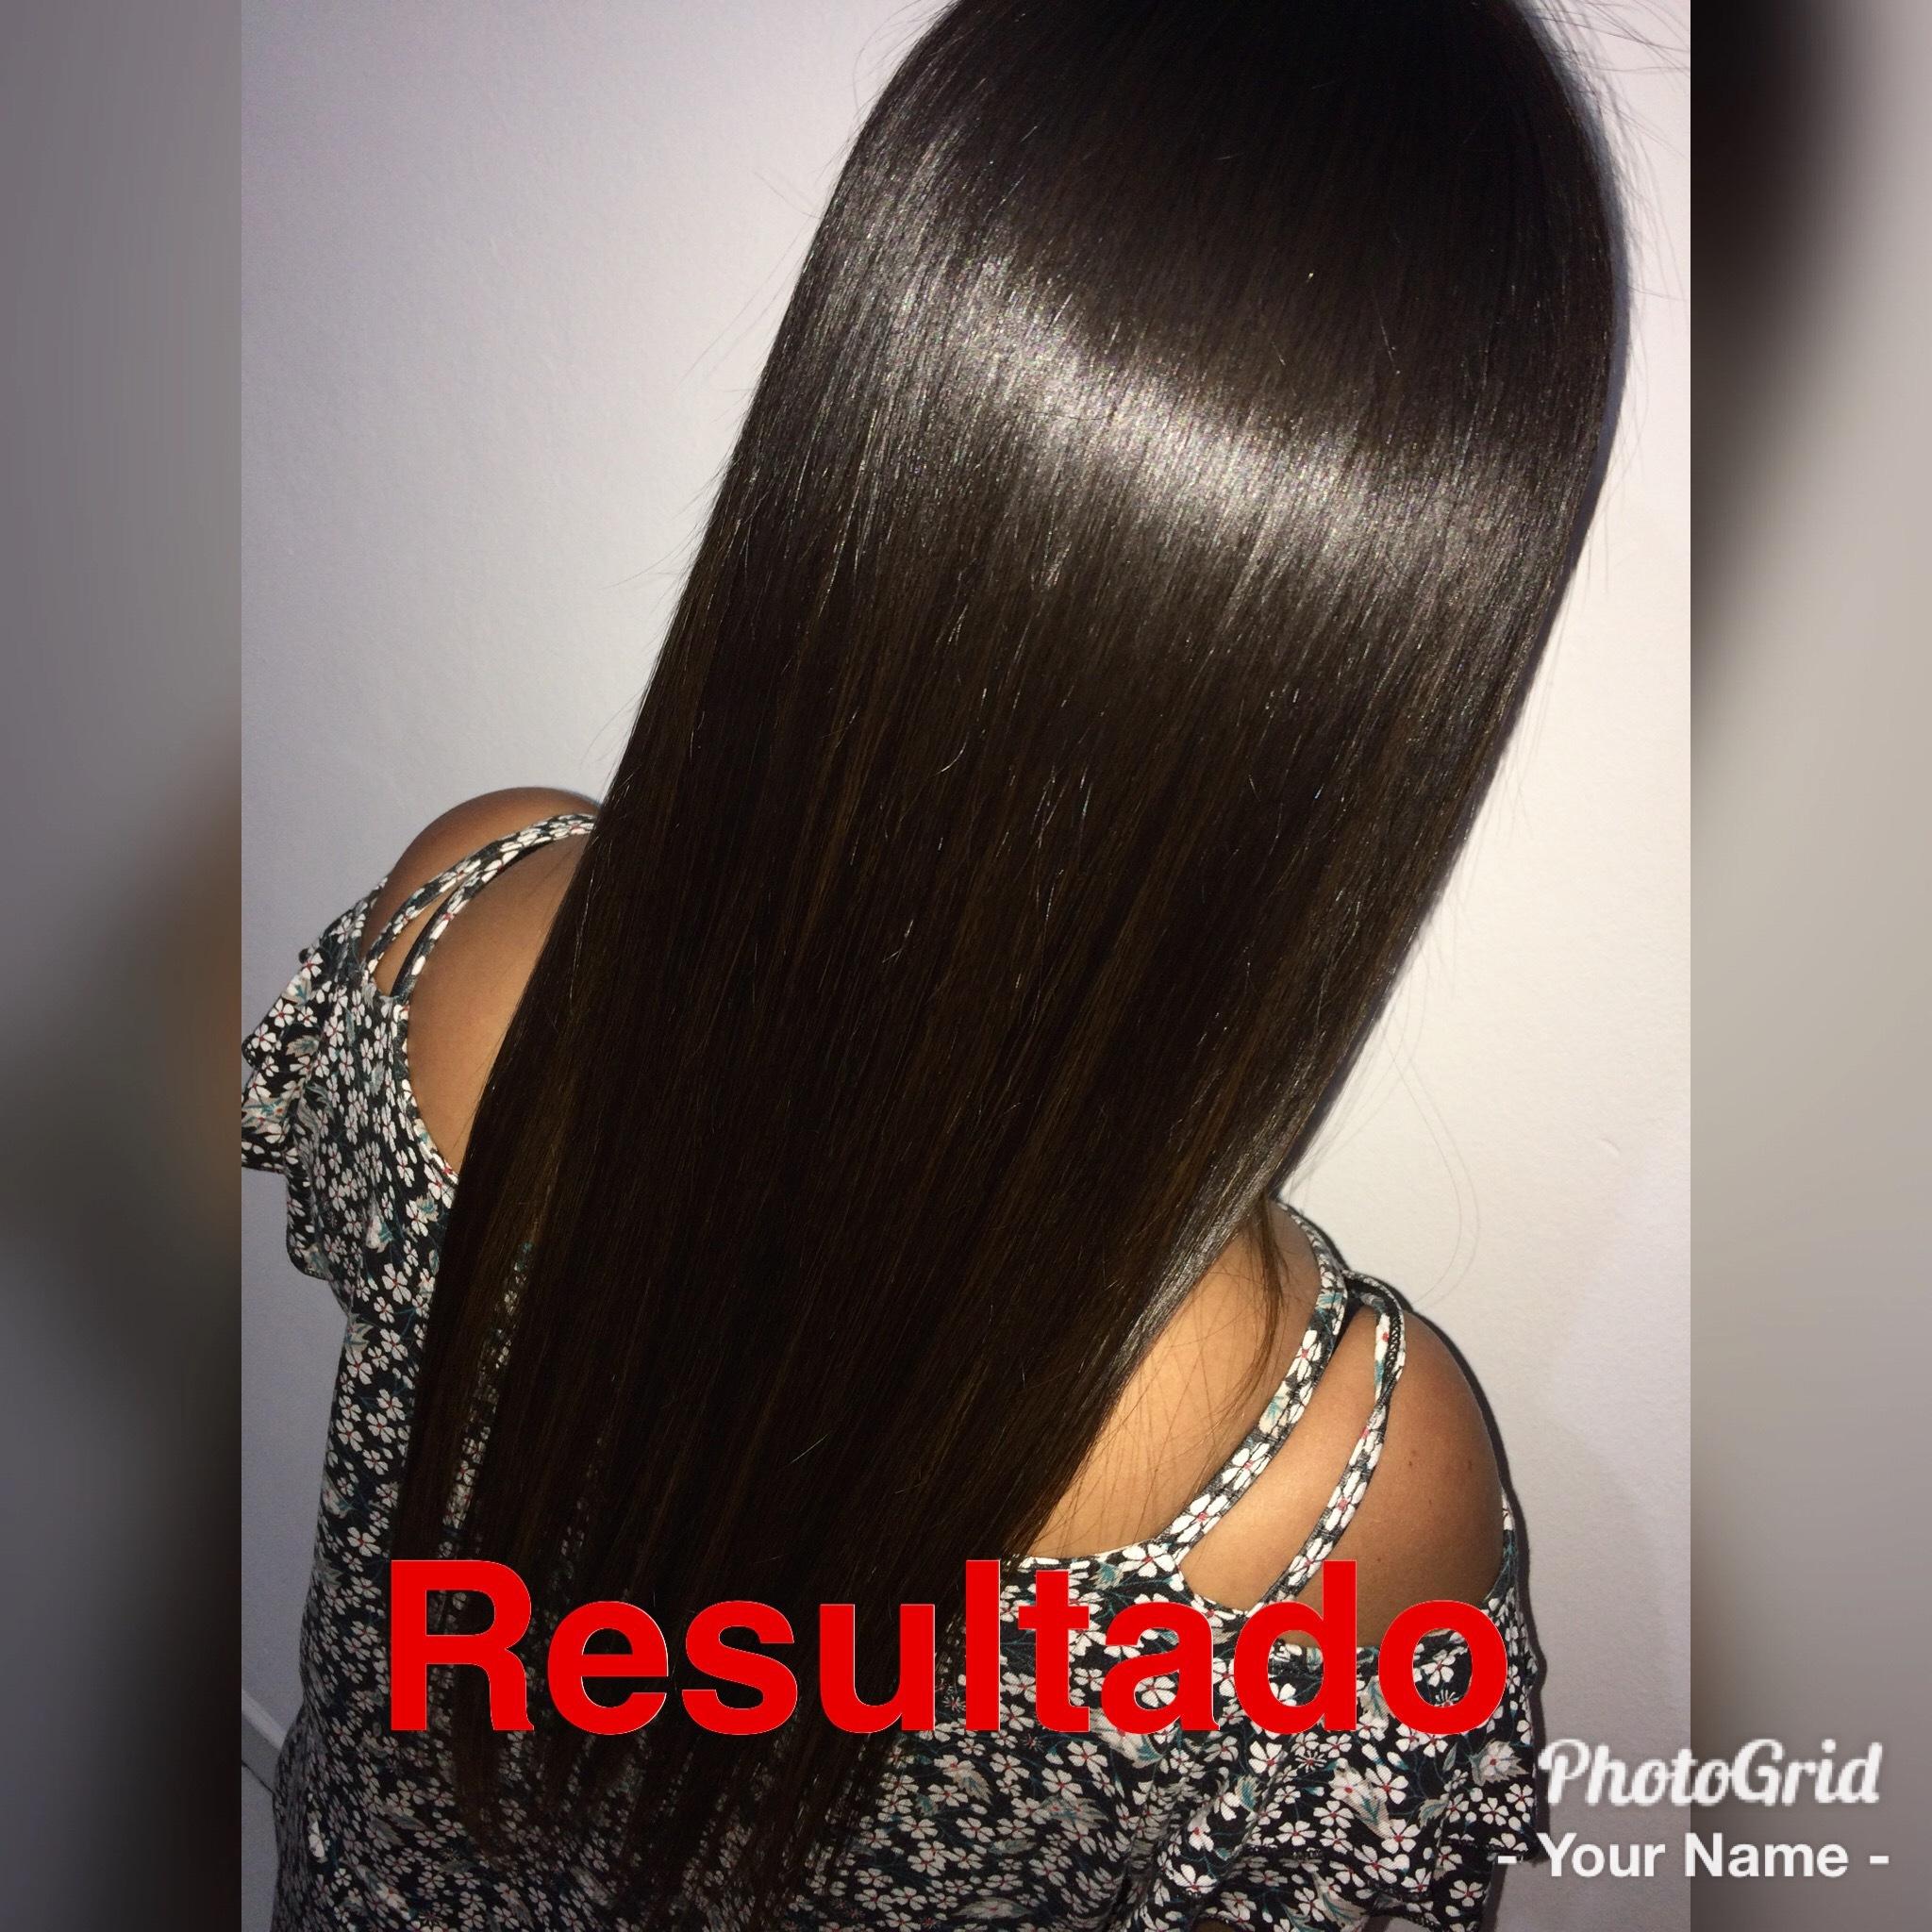 Redução da raiz, e hidratação dos fios! #hair  cabelo auxiliar cabeleireiro(a)